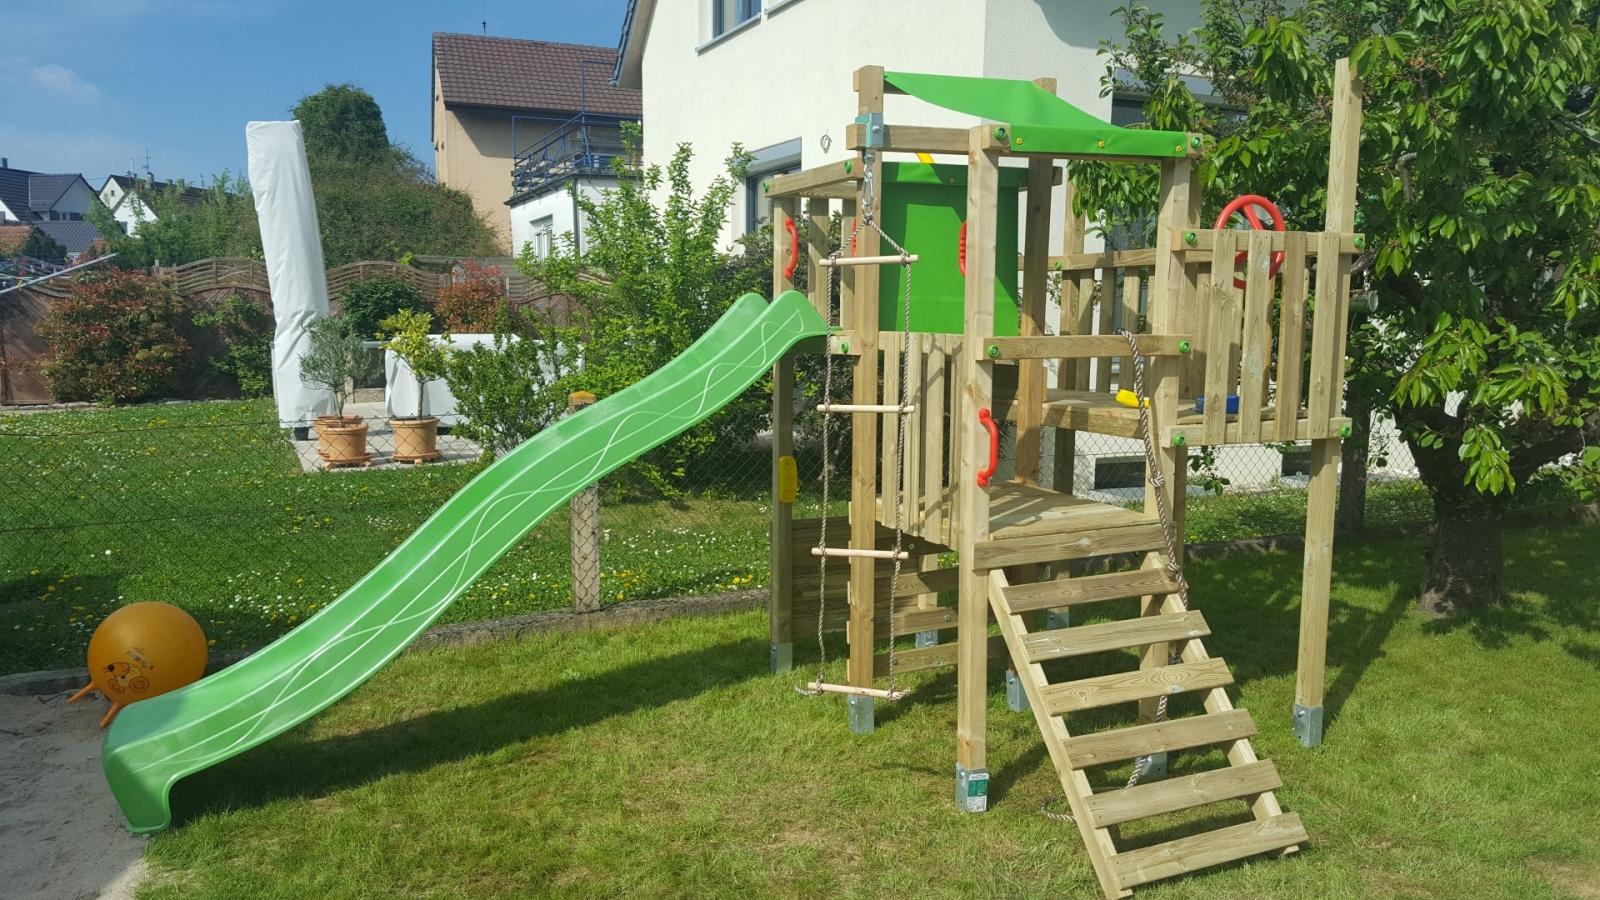 Full Size of Spielgert Garten Spielturm Kaufen 10 Tipps Zum Kauf Klappstuhl Inselküche Abverkauf Bad Kinderspielturm Wohnzimmer Spielturm Abverkauf